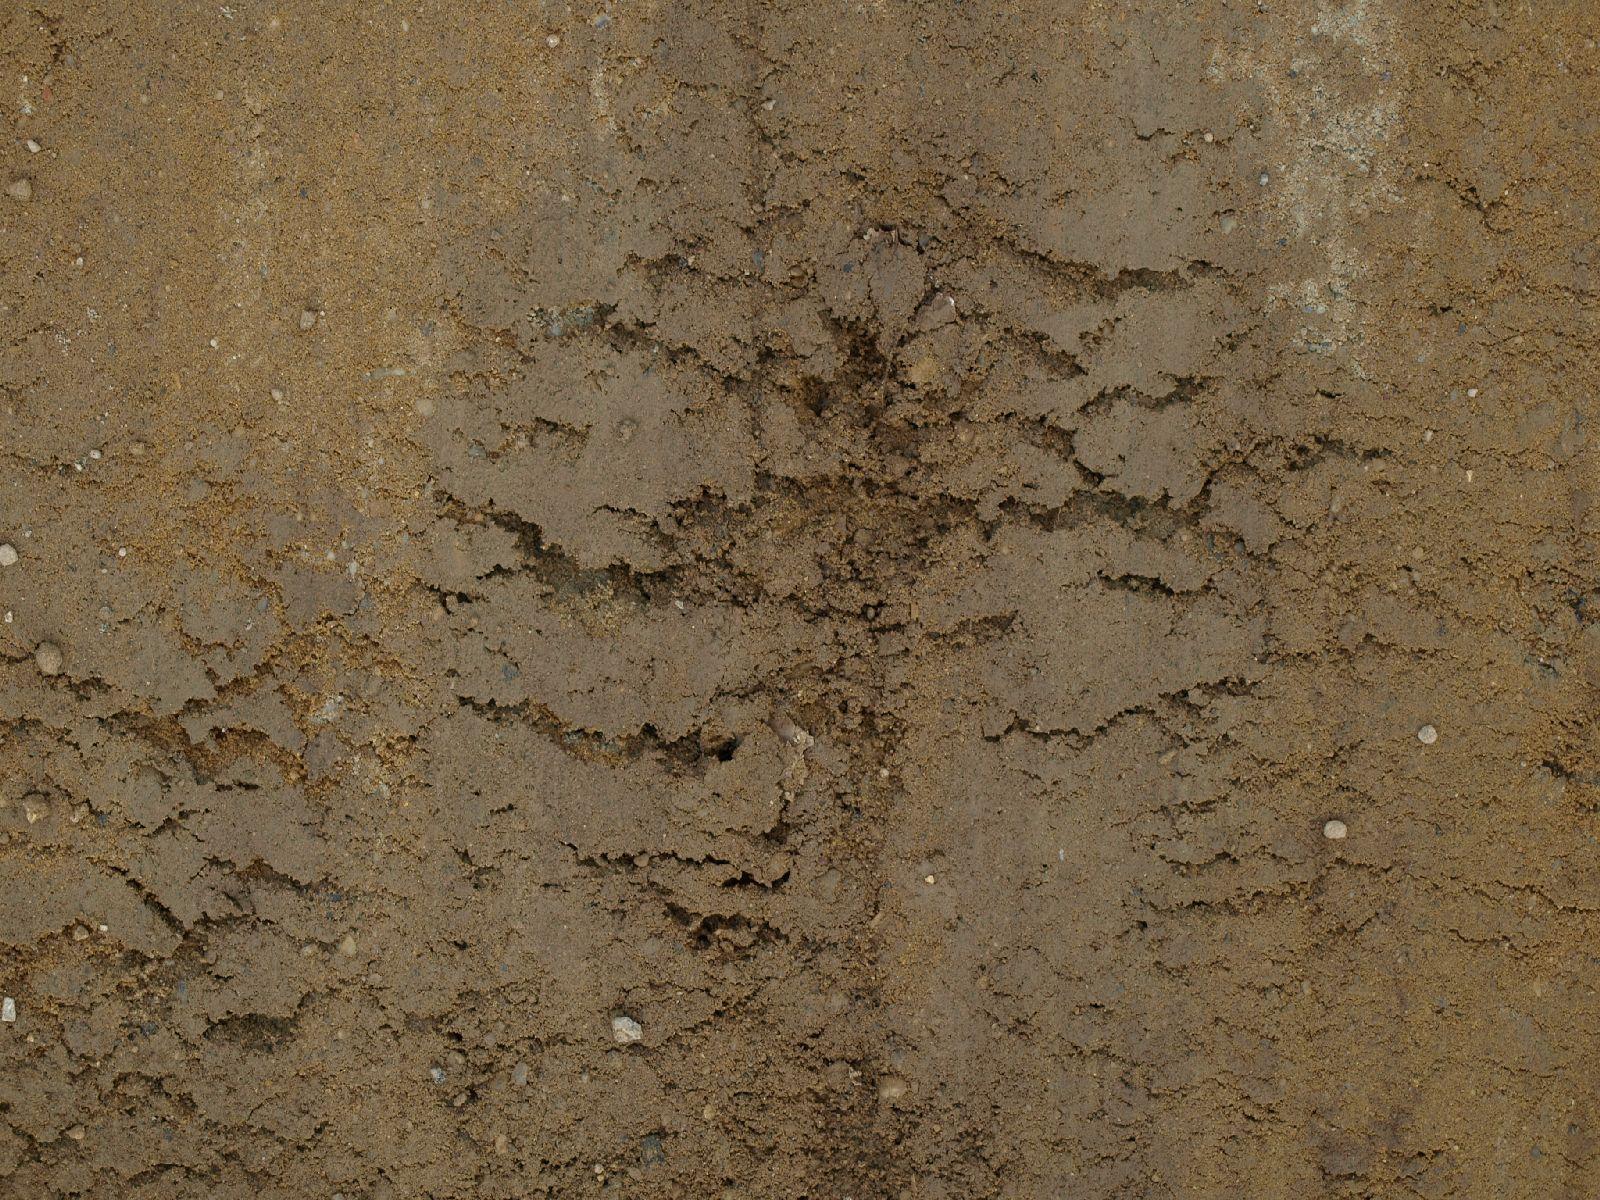 Boden-Erde-Steine_Textur_A_P9195028